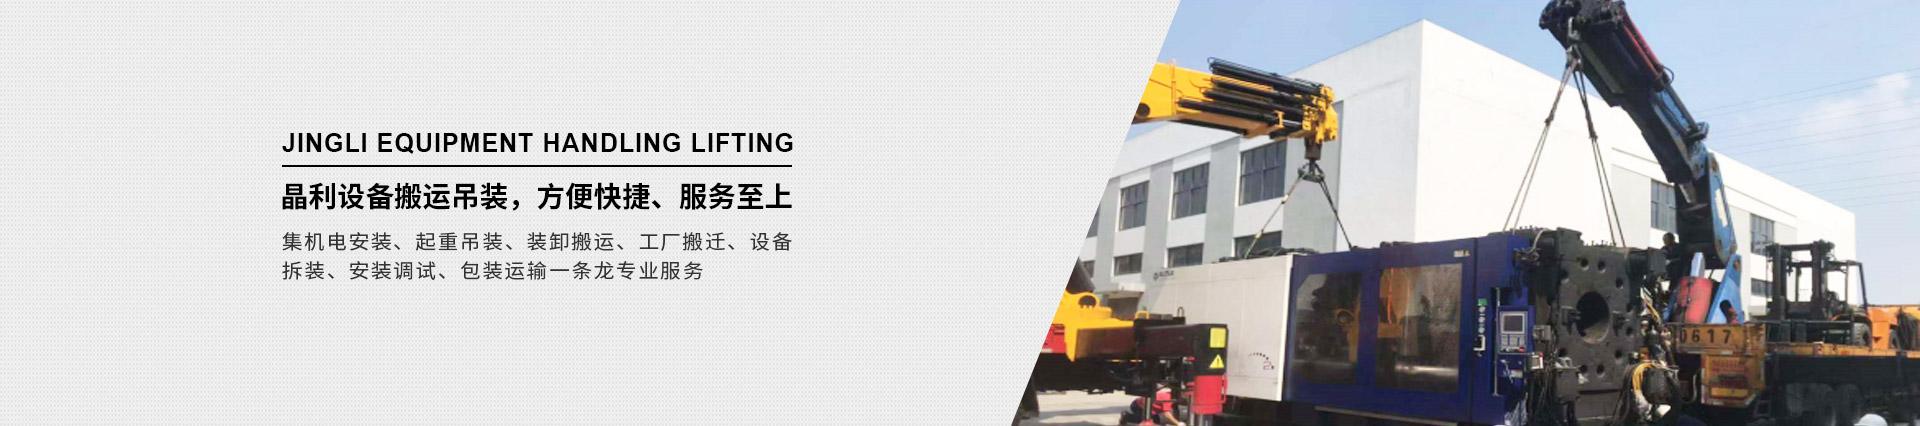 上海晶利设备搬运吊装